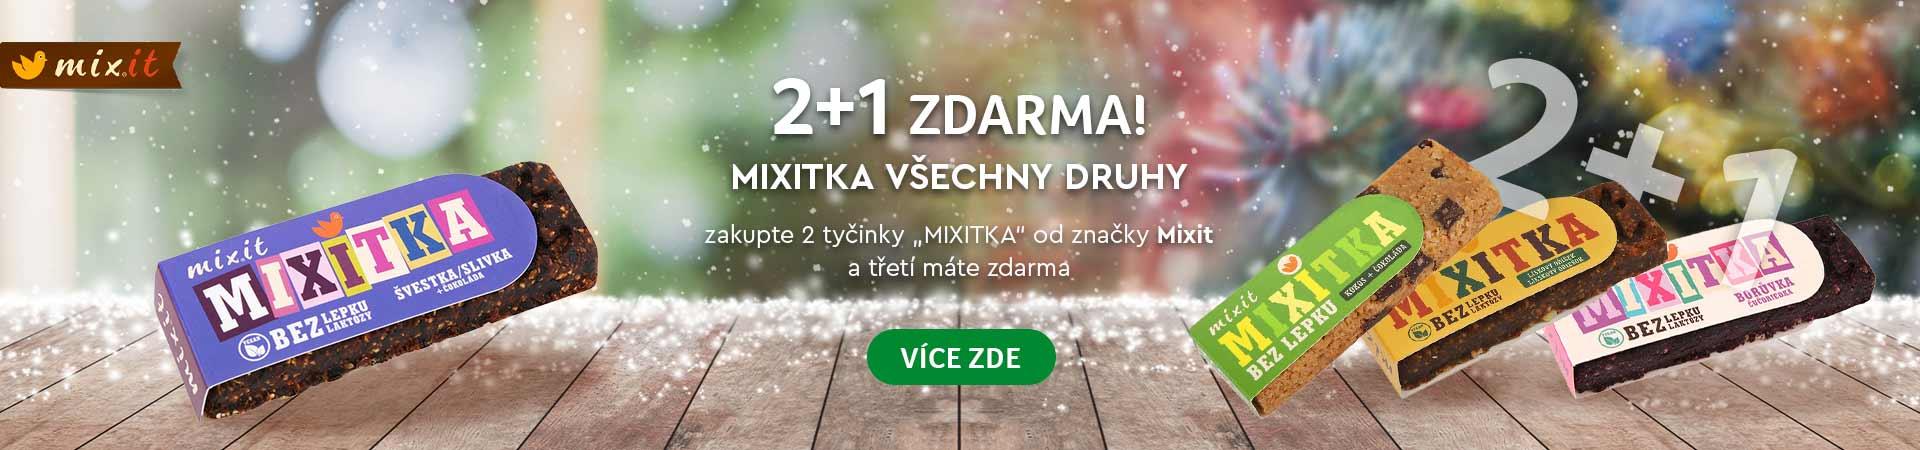 Mixitka 2+1